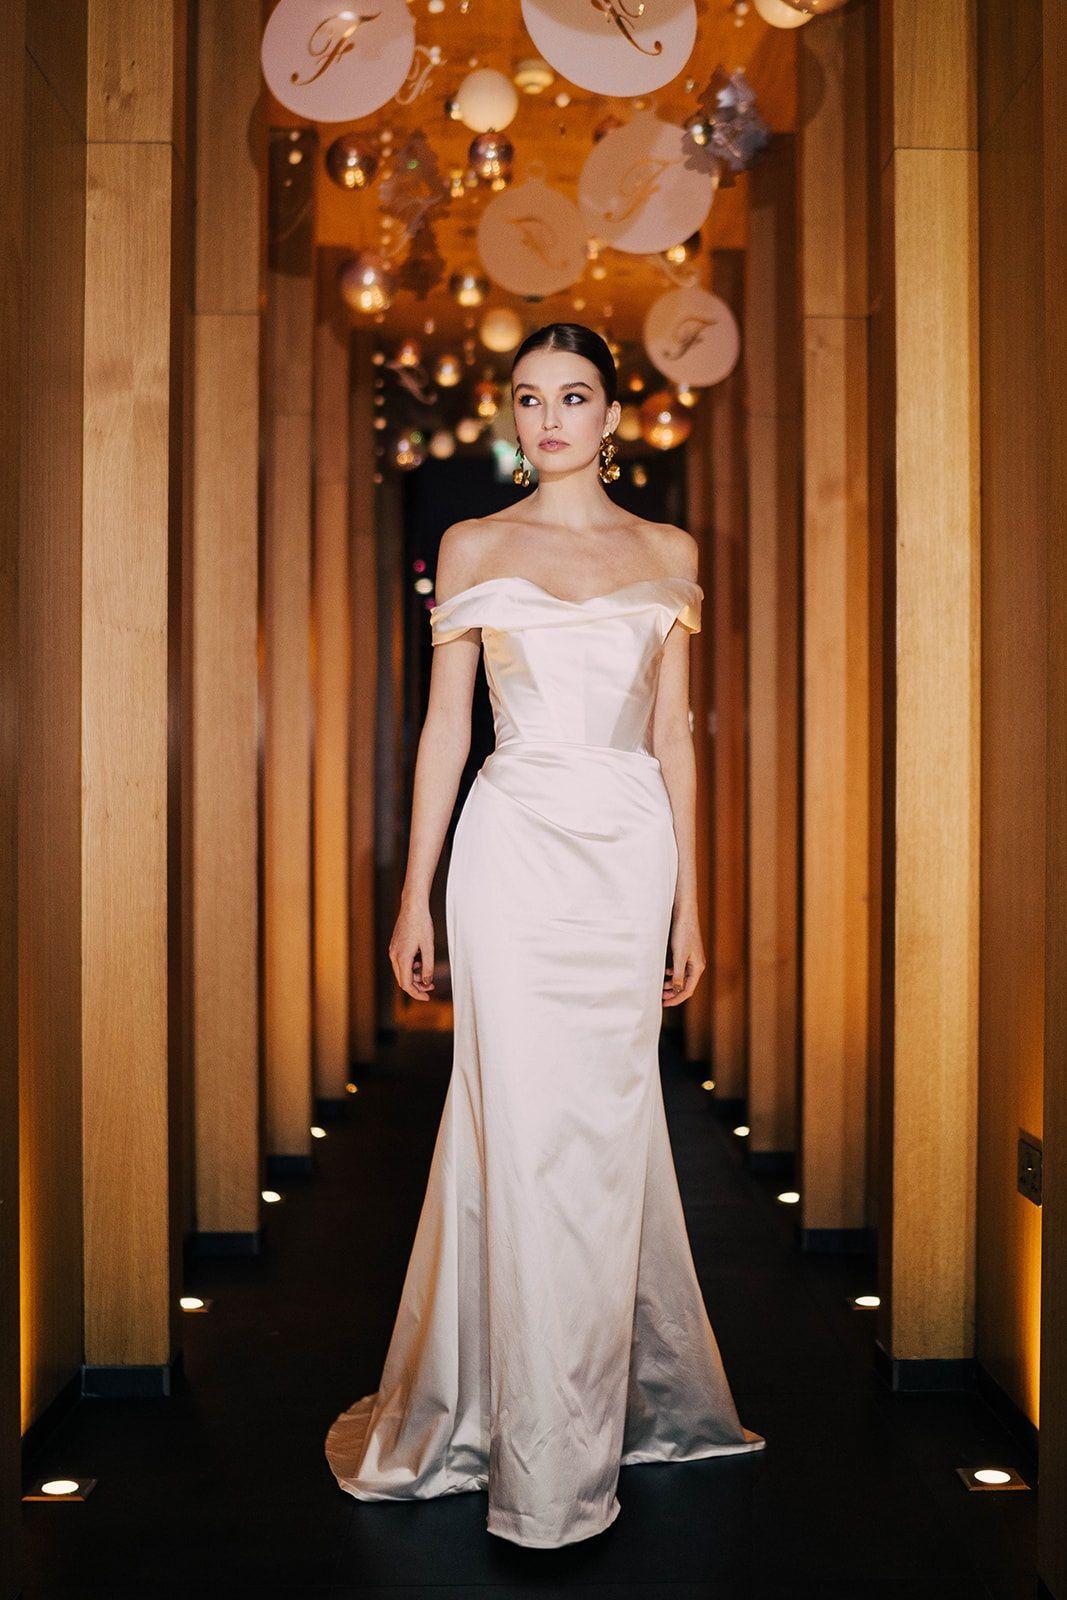 Cora By Vivienne Westwood In 2020 Wedding Dresses Ireland Wedding Dress Vivienne Westwood Wedding Dress [ 1600 x 1067 Pixel ]